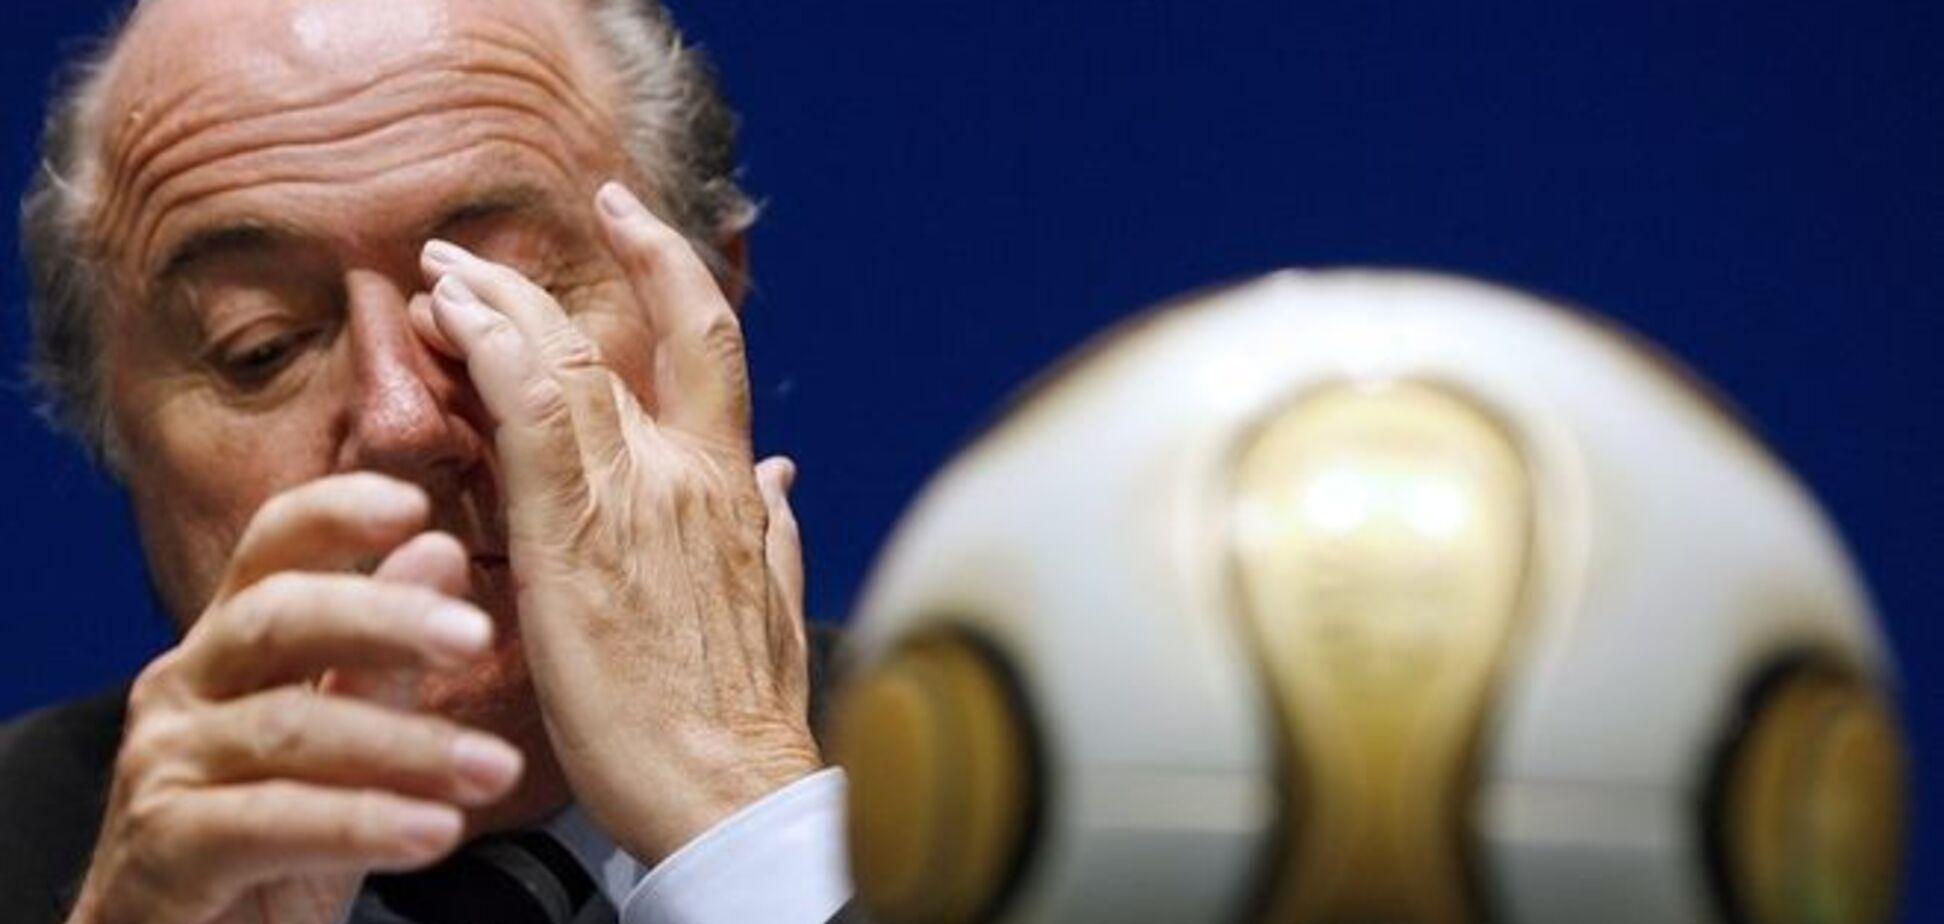 Скандал с коррупцией в ФИФА закончился отставкой Зеппа Блаттера